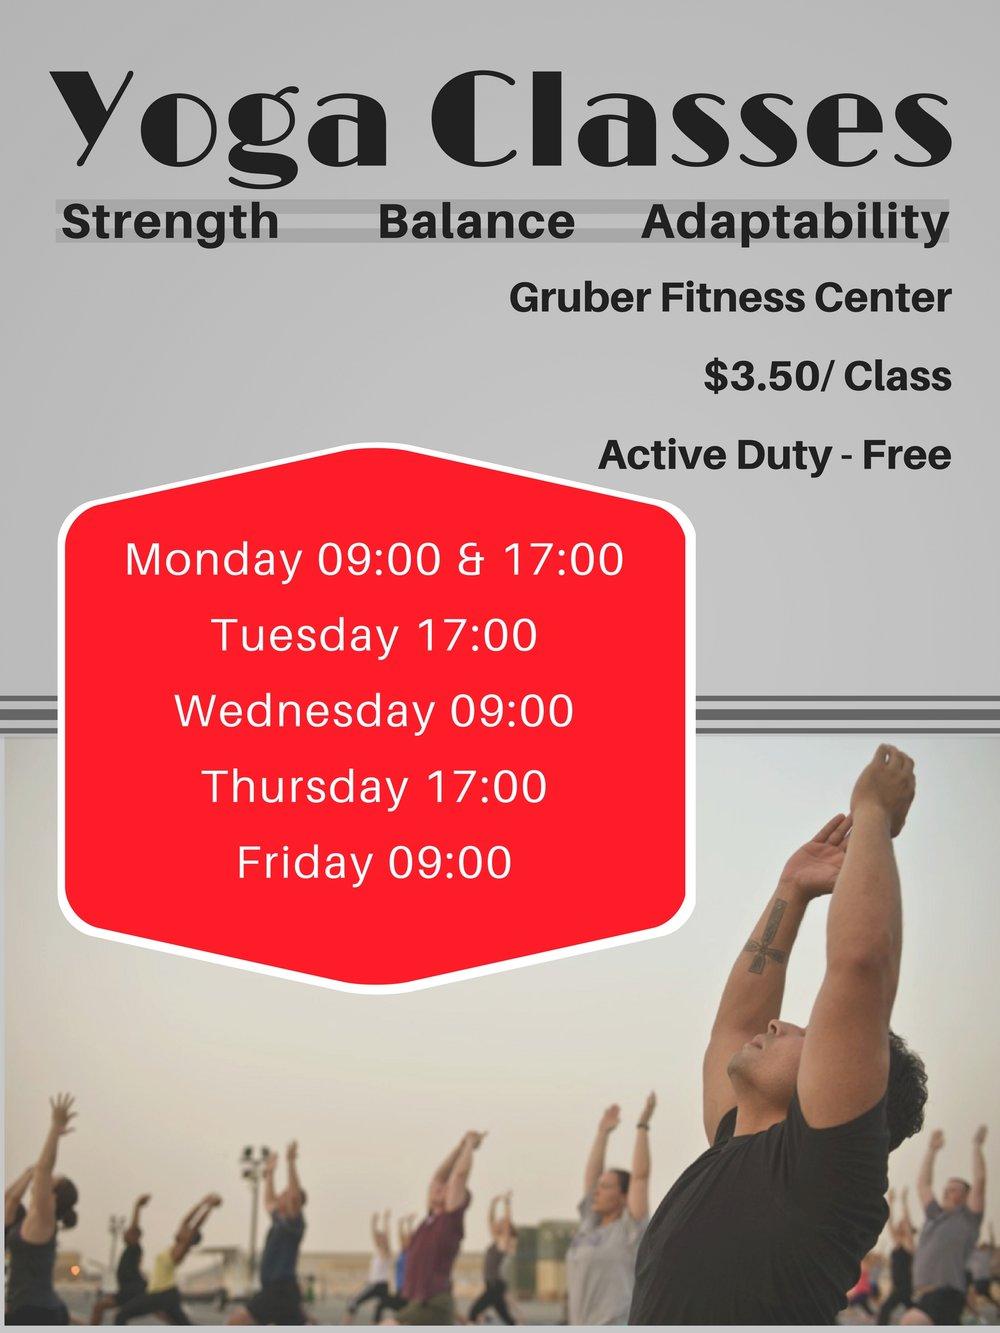 yoga classes at gruber.jpg